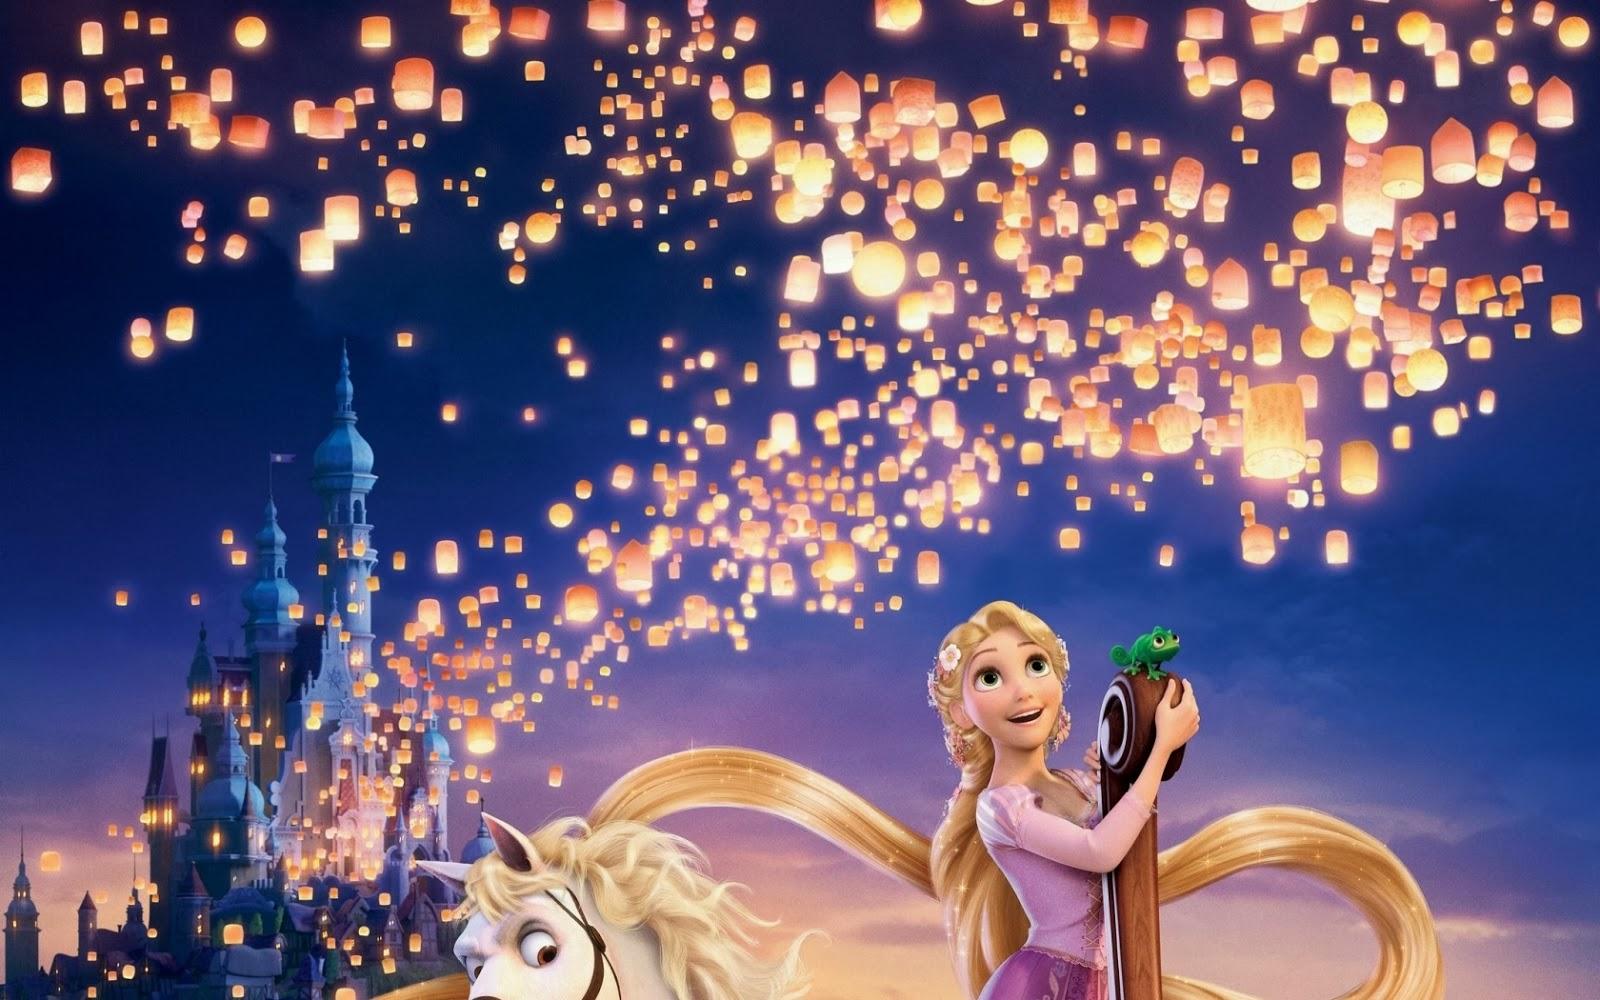 Tangled Lanterns Wallpaper 1600x1000